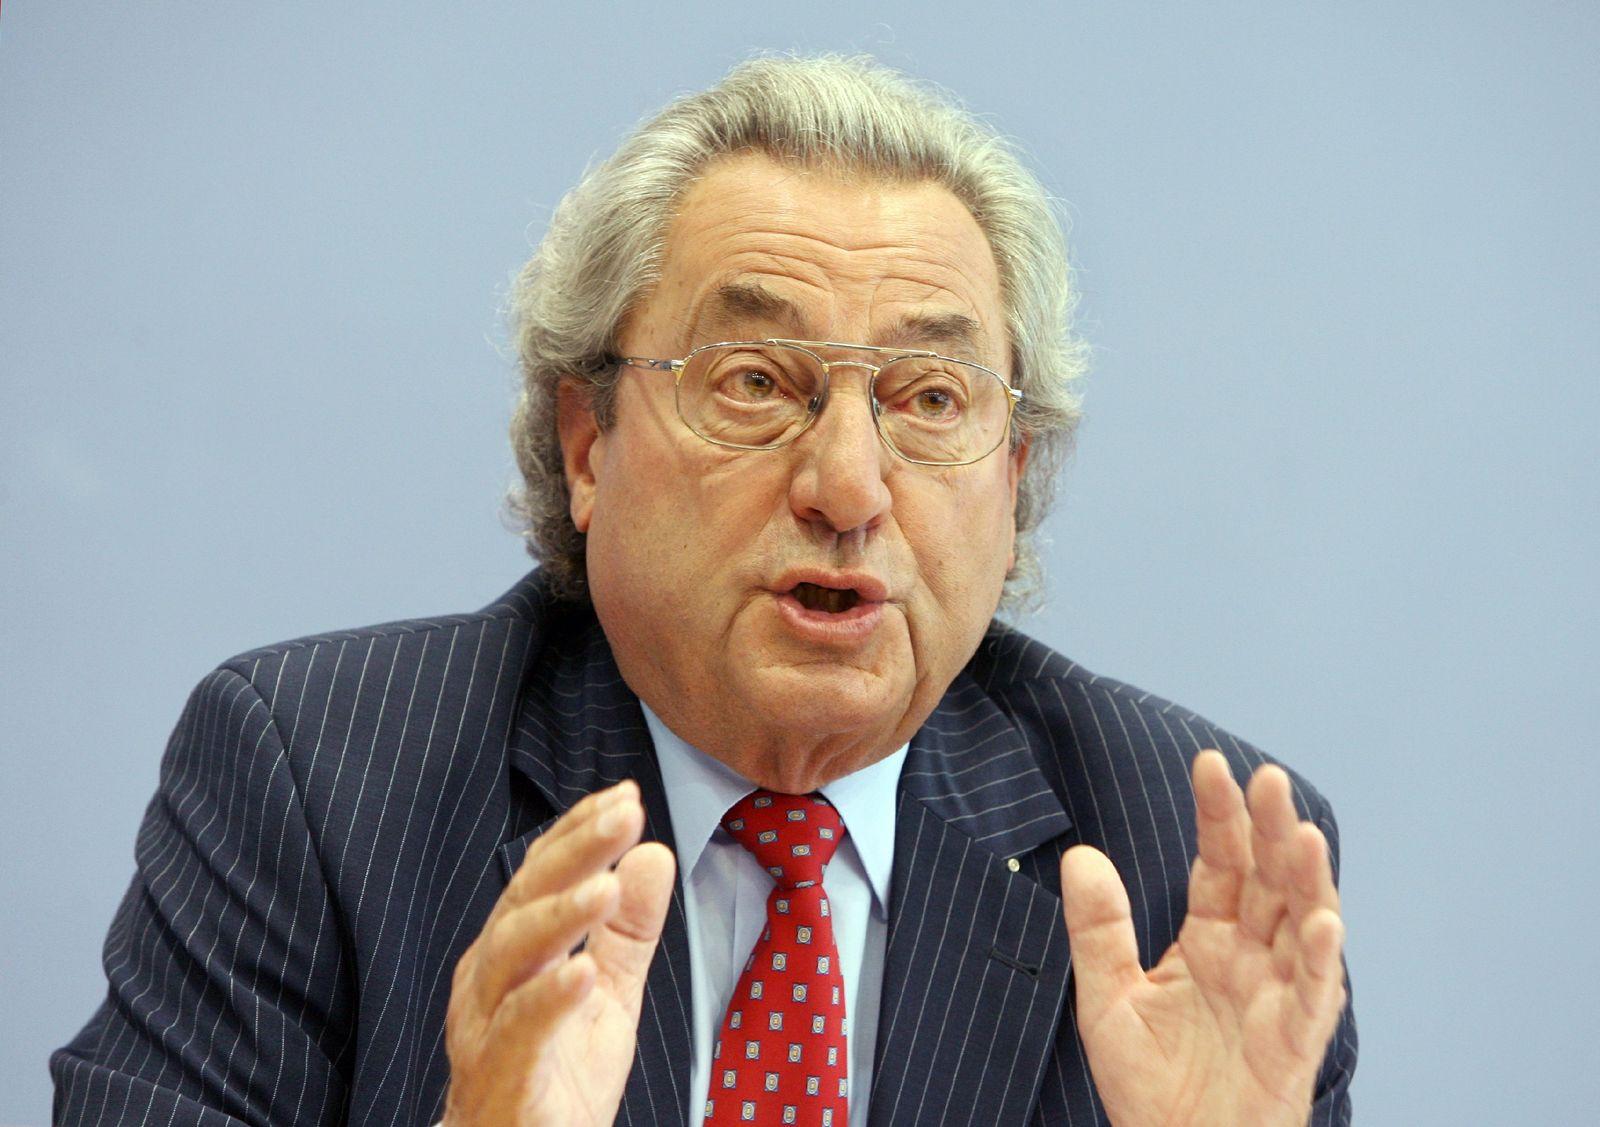 Pk zur Tarifpolitik im Zeichen der Krise mit Dieter Hundt